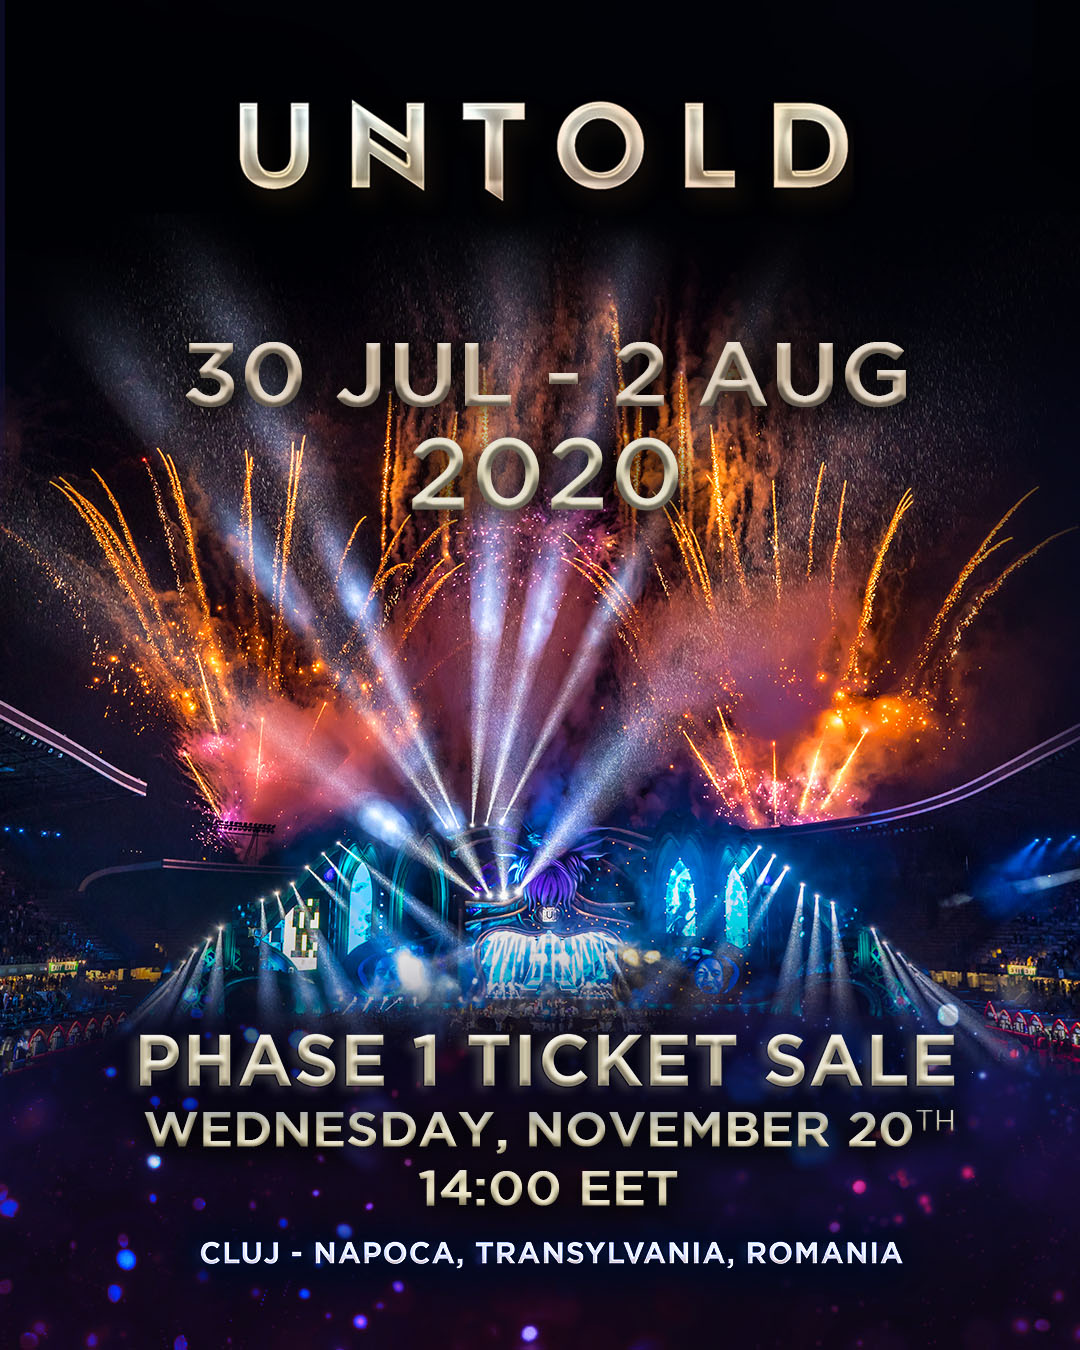 UNTOLD 2020, ediția a 6-a, la Cluj, pe 30 iulie – 2 august! Primele abonamente la preț special vor fi scoase la vânzare miercuri